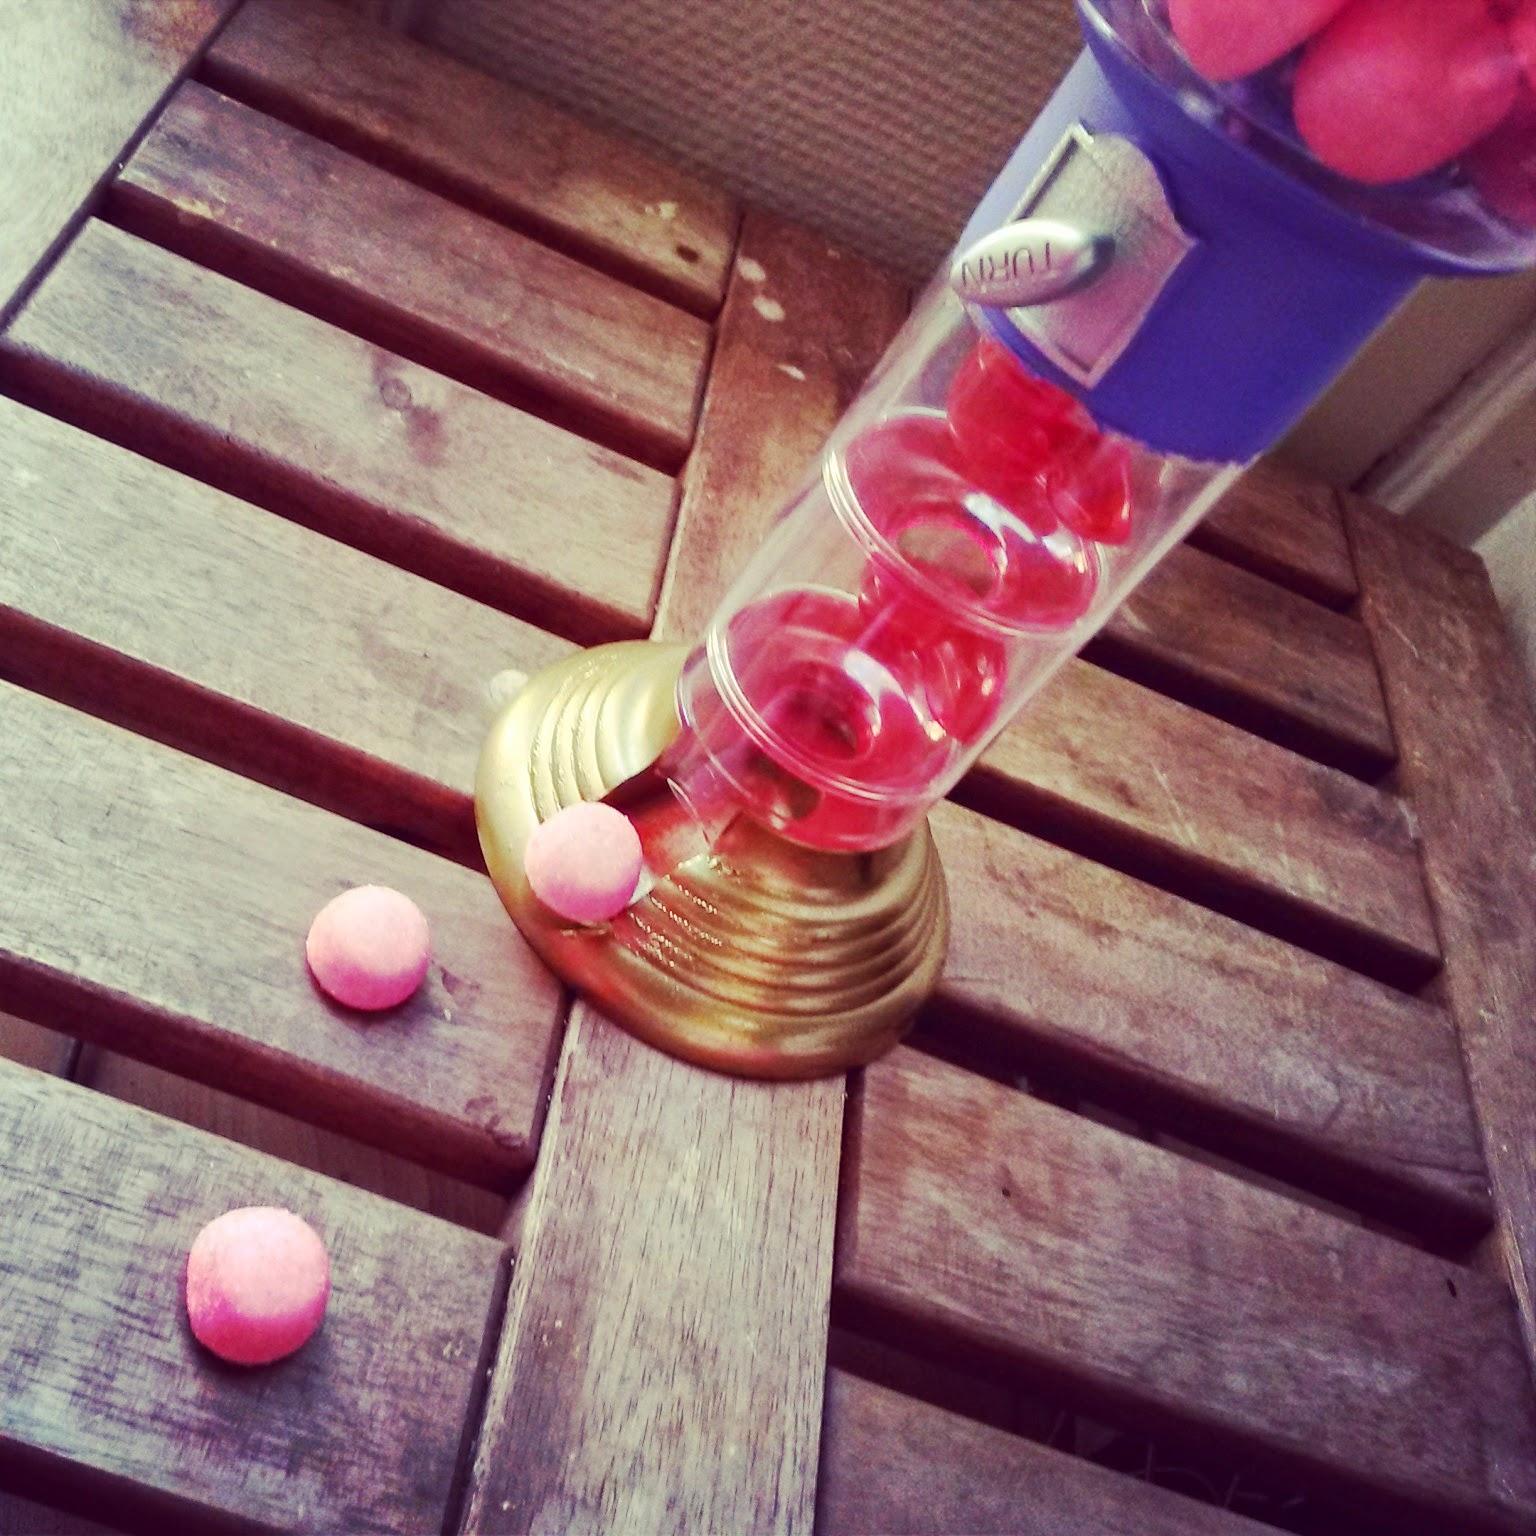 http://mynameisgeorges.blogspot.com/2014/08/le-distributeur-bonbon-relooke.html